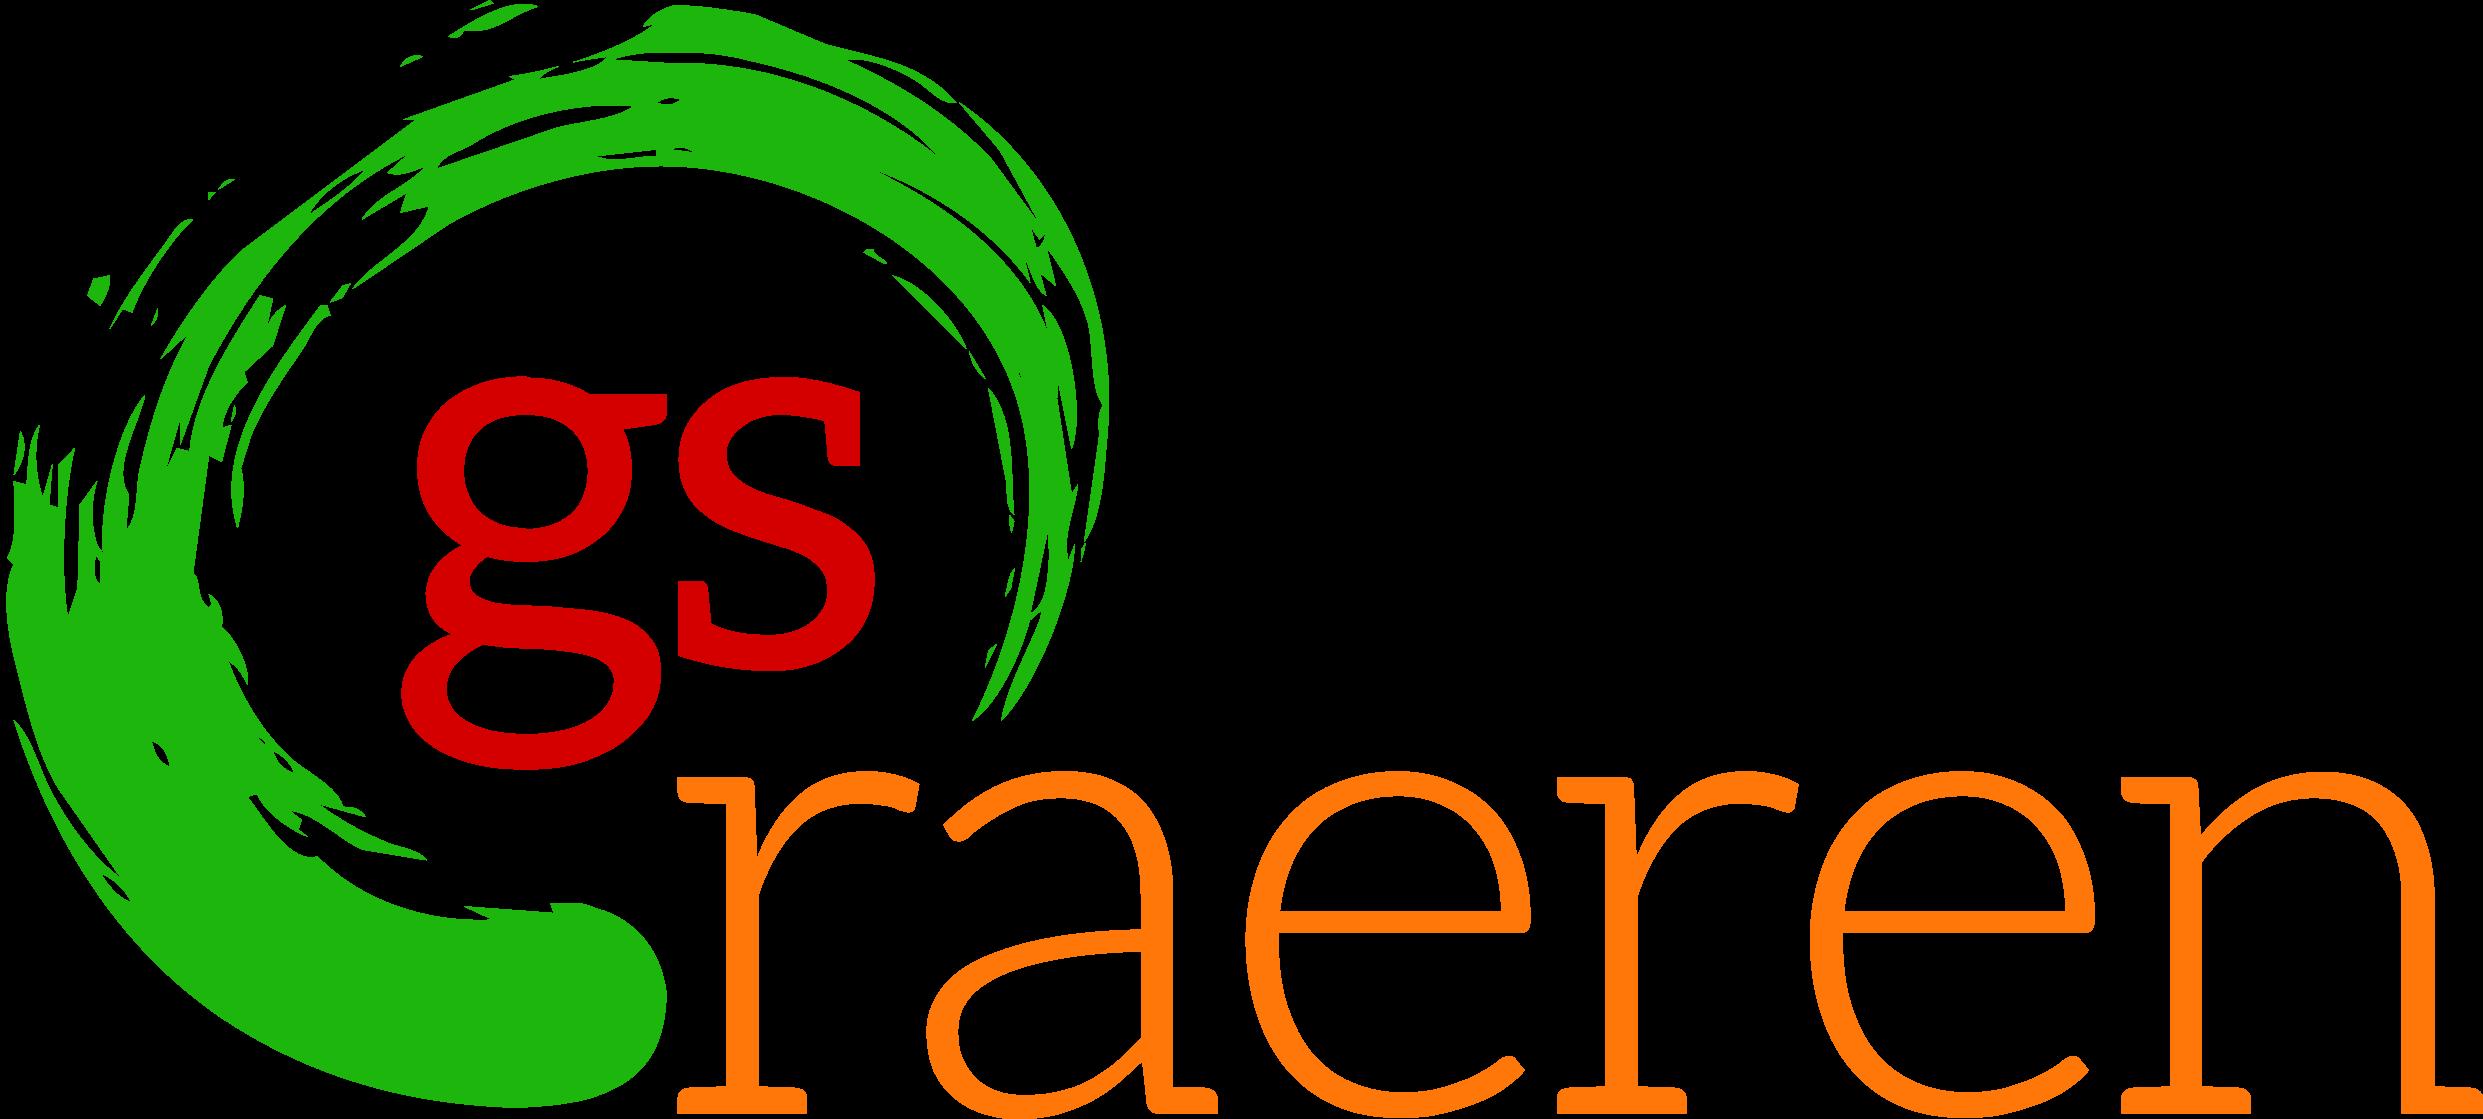 GS Raeren